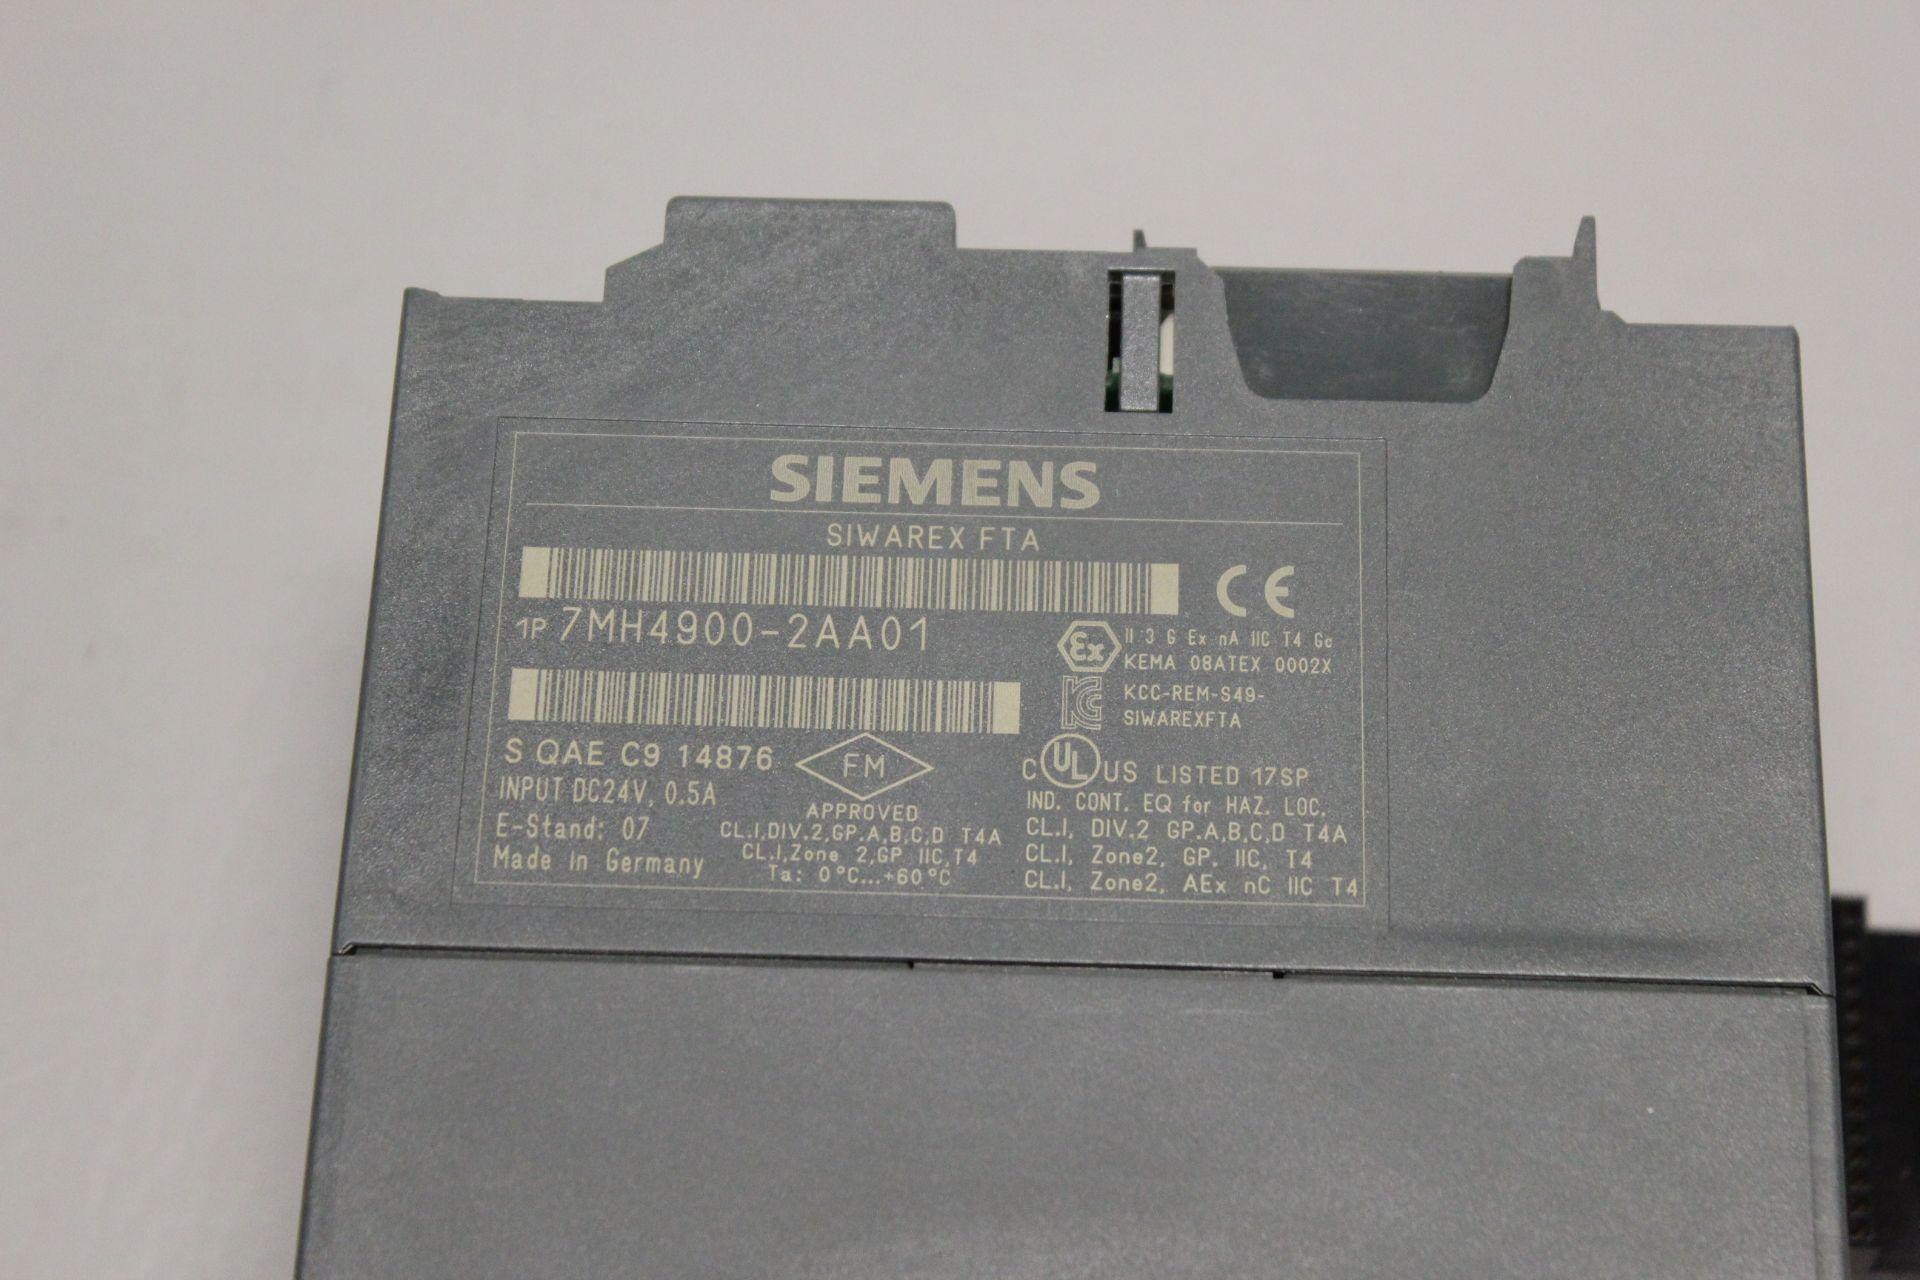 NEW SIEMENS SIWAREX FTA PLC WEIGHING MODULE - Image 7 of 8